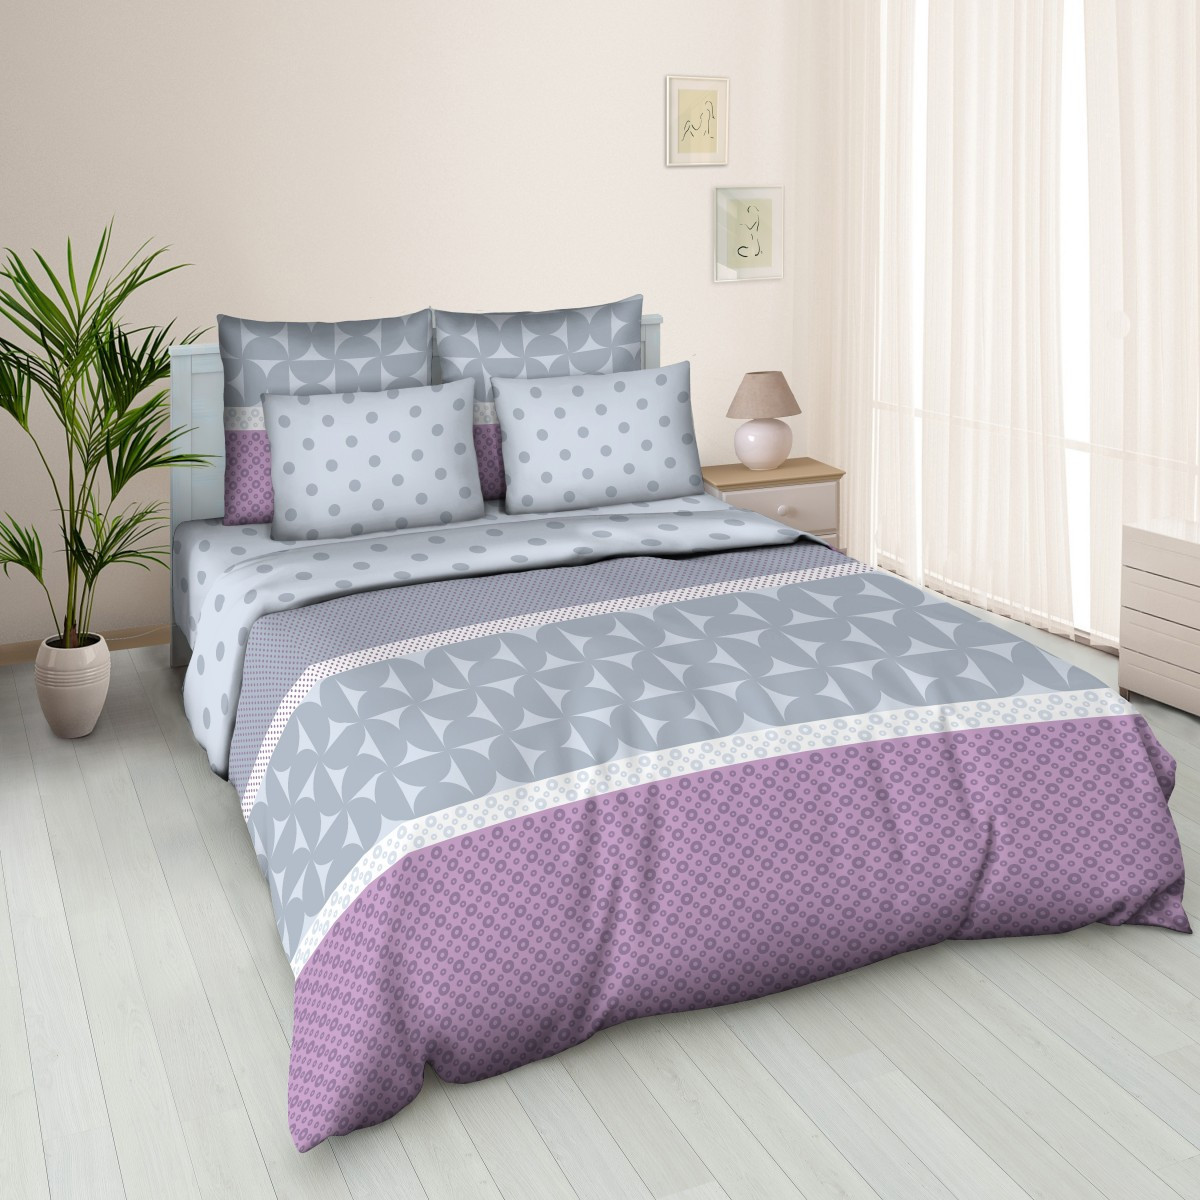 Комплект постельного белья двуспальный, бязь Полька Дот